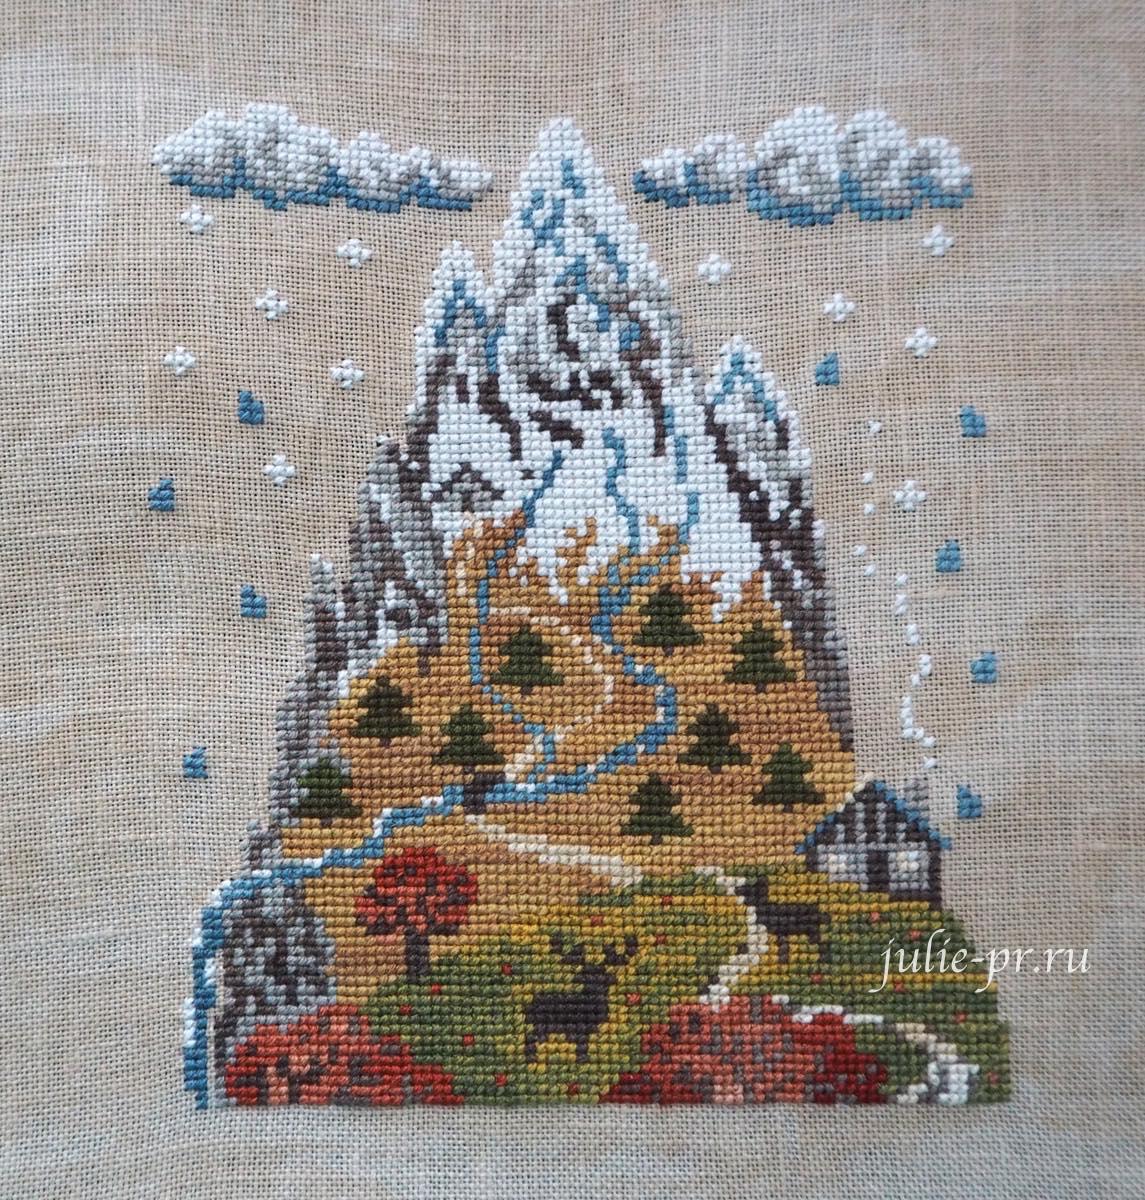 Filigram, вышивка крестом, осень в горах, Autumn Mountain, Montagne d'automne, нитки ручного окрашивания The Gentle Art, Simply Shaker Sampler Threads, осенние горы